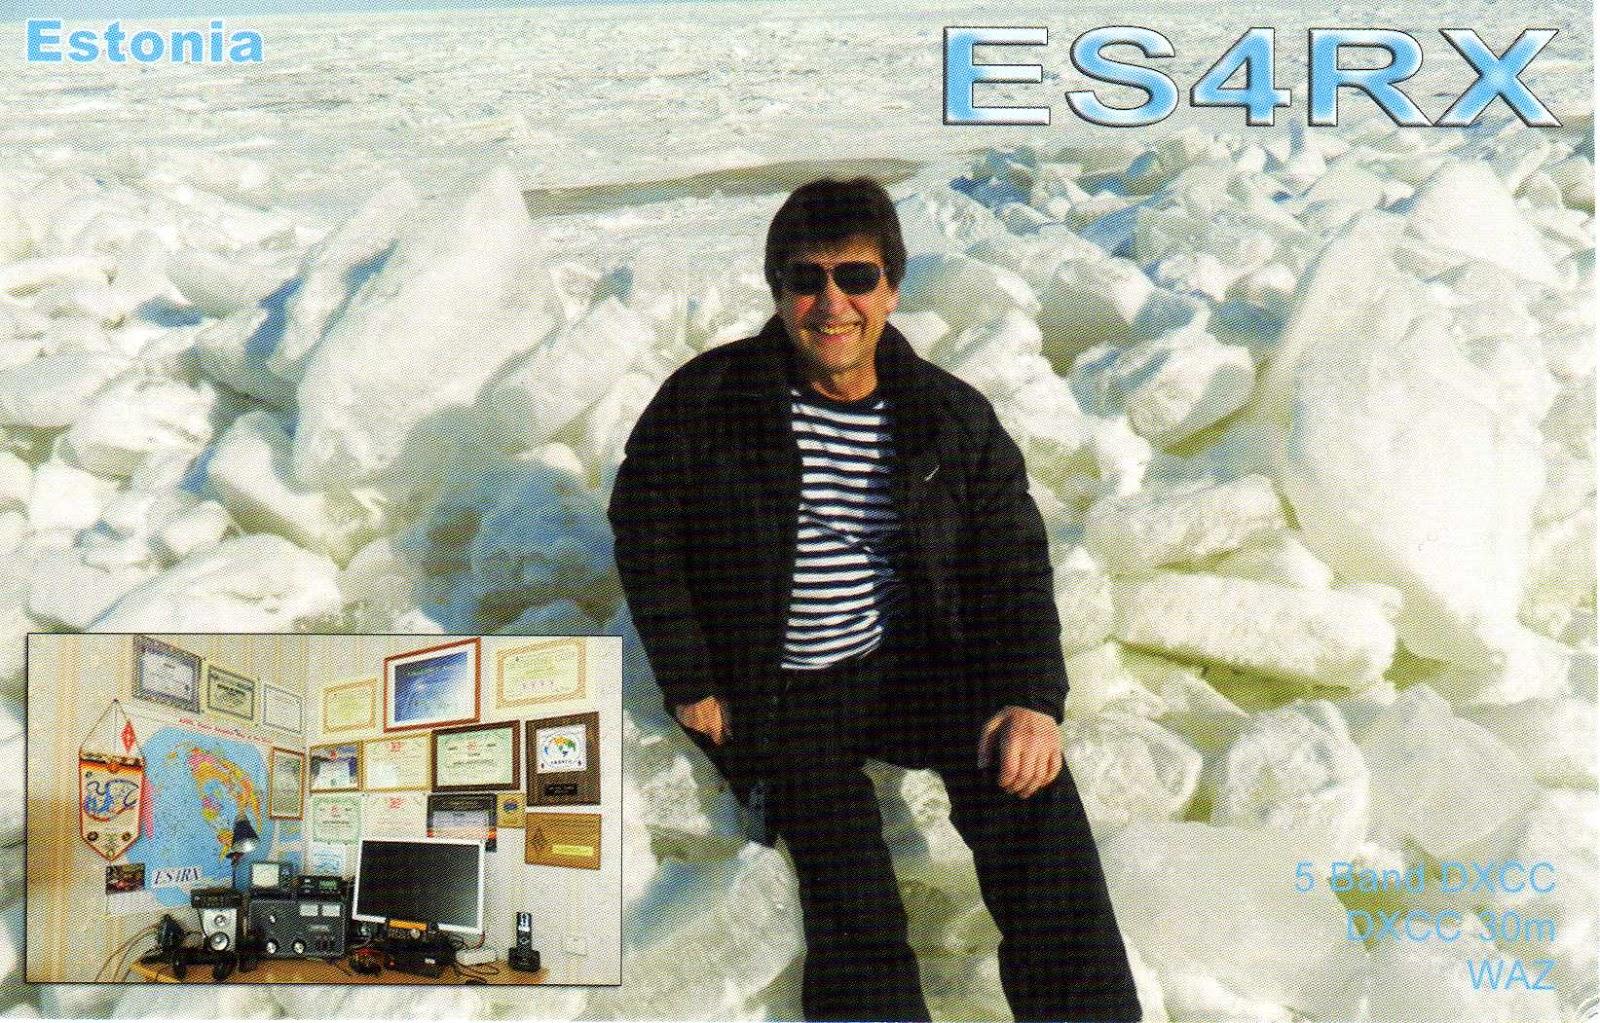 Нажмите на изображение для увеличения.  Название:ES4RX_front.jpg Просмотров:22 Размер:707.7 Кб ID:188462